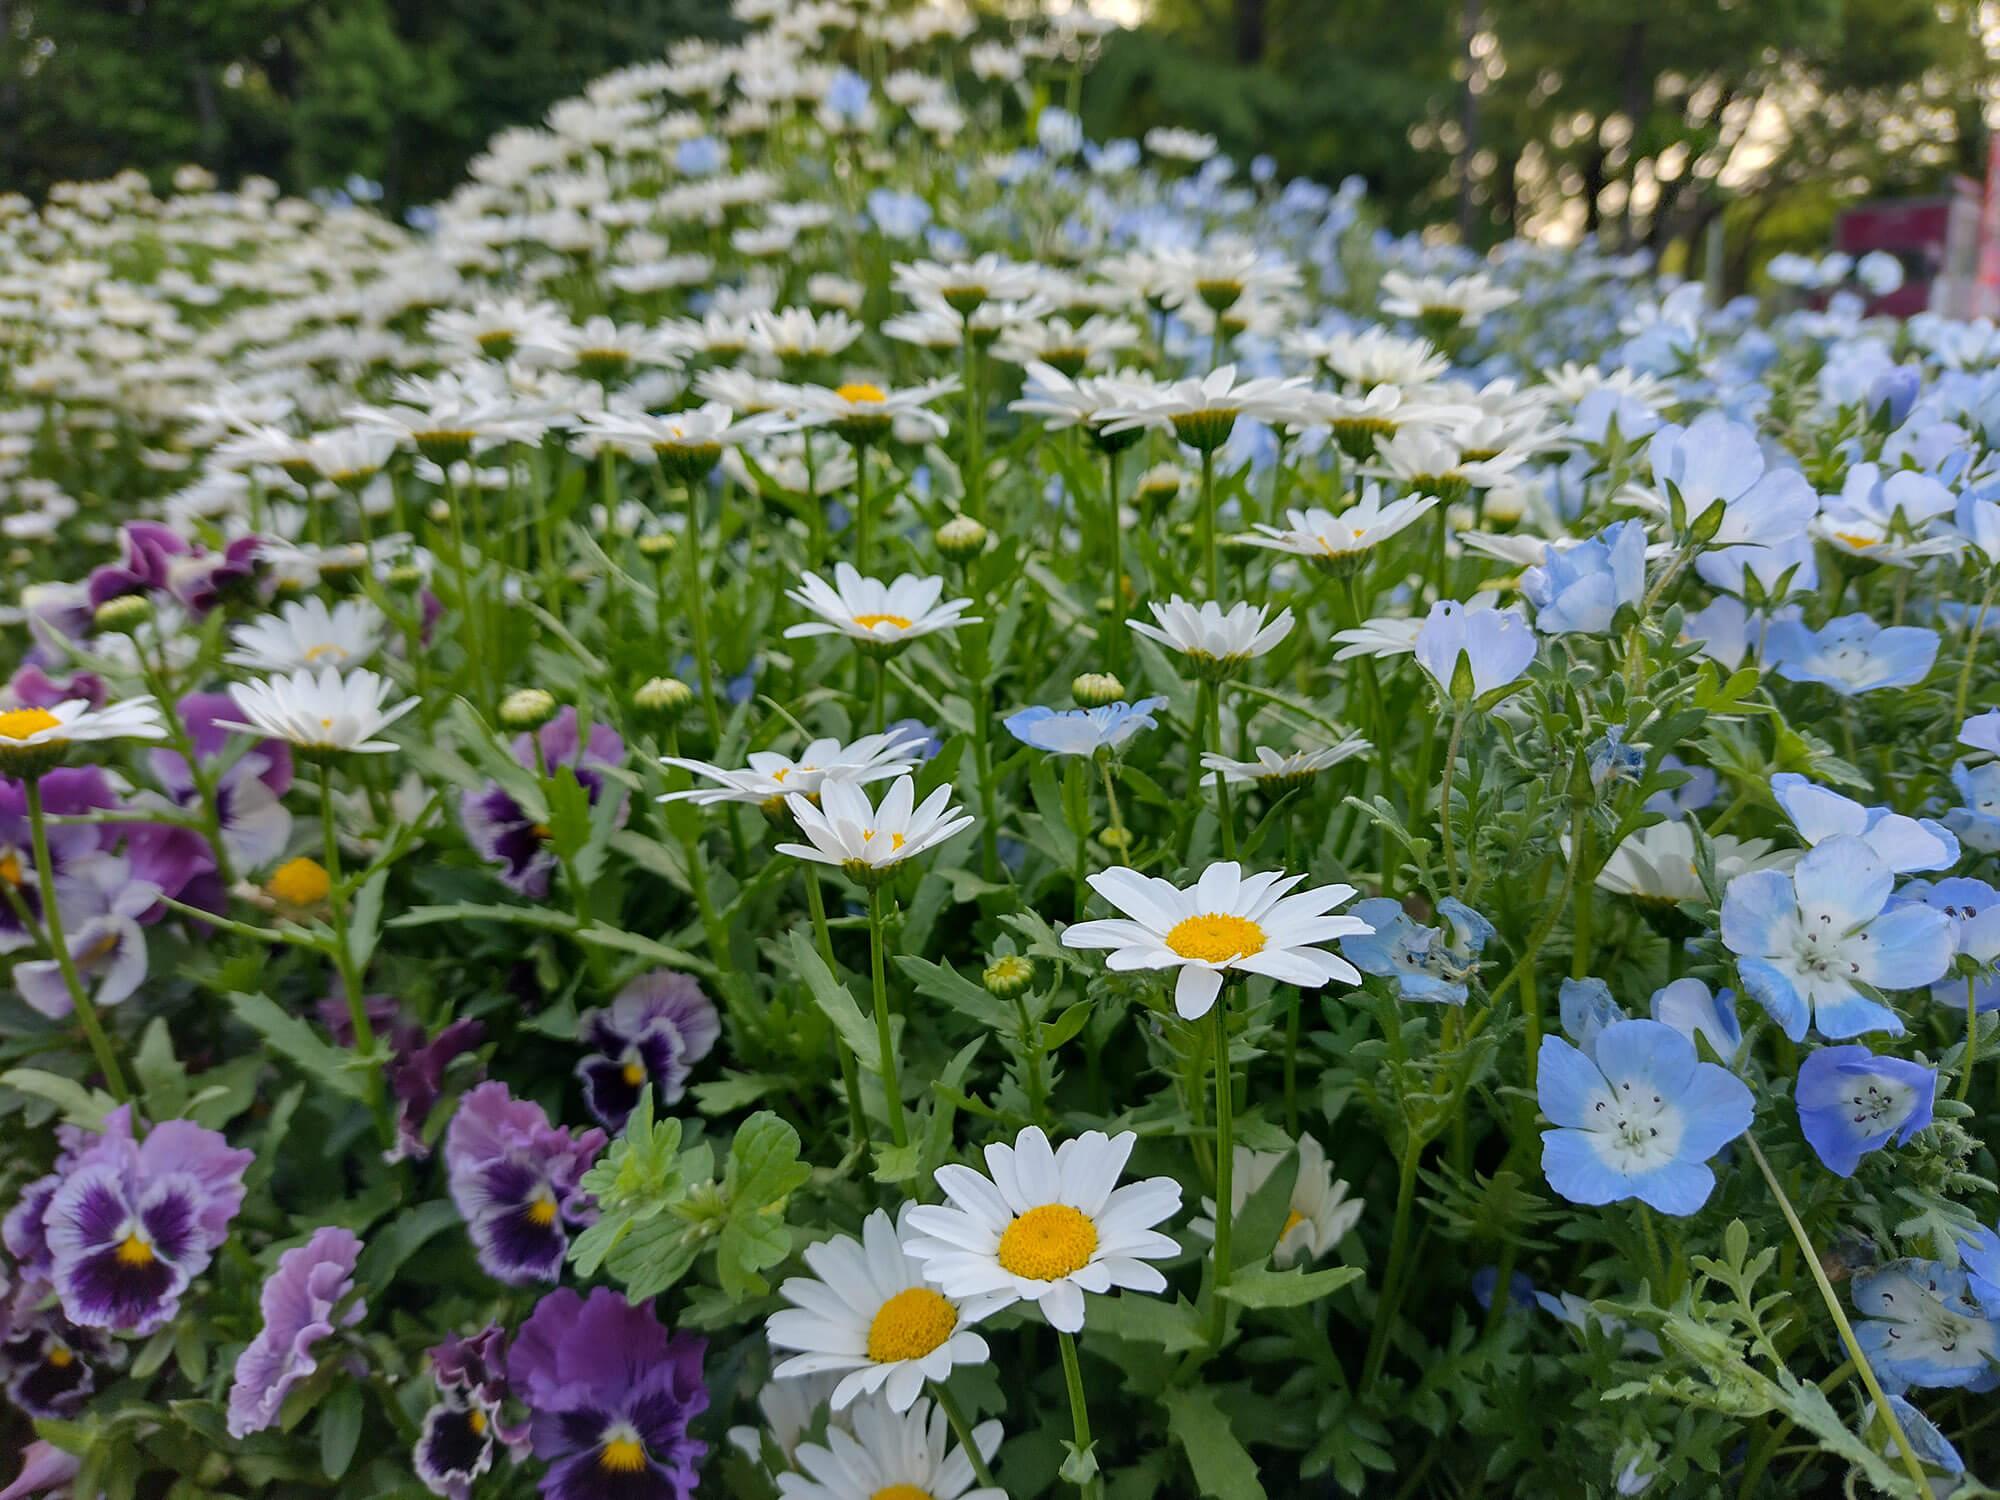 moto g30で撮影した沢山の花の写真